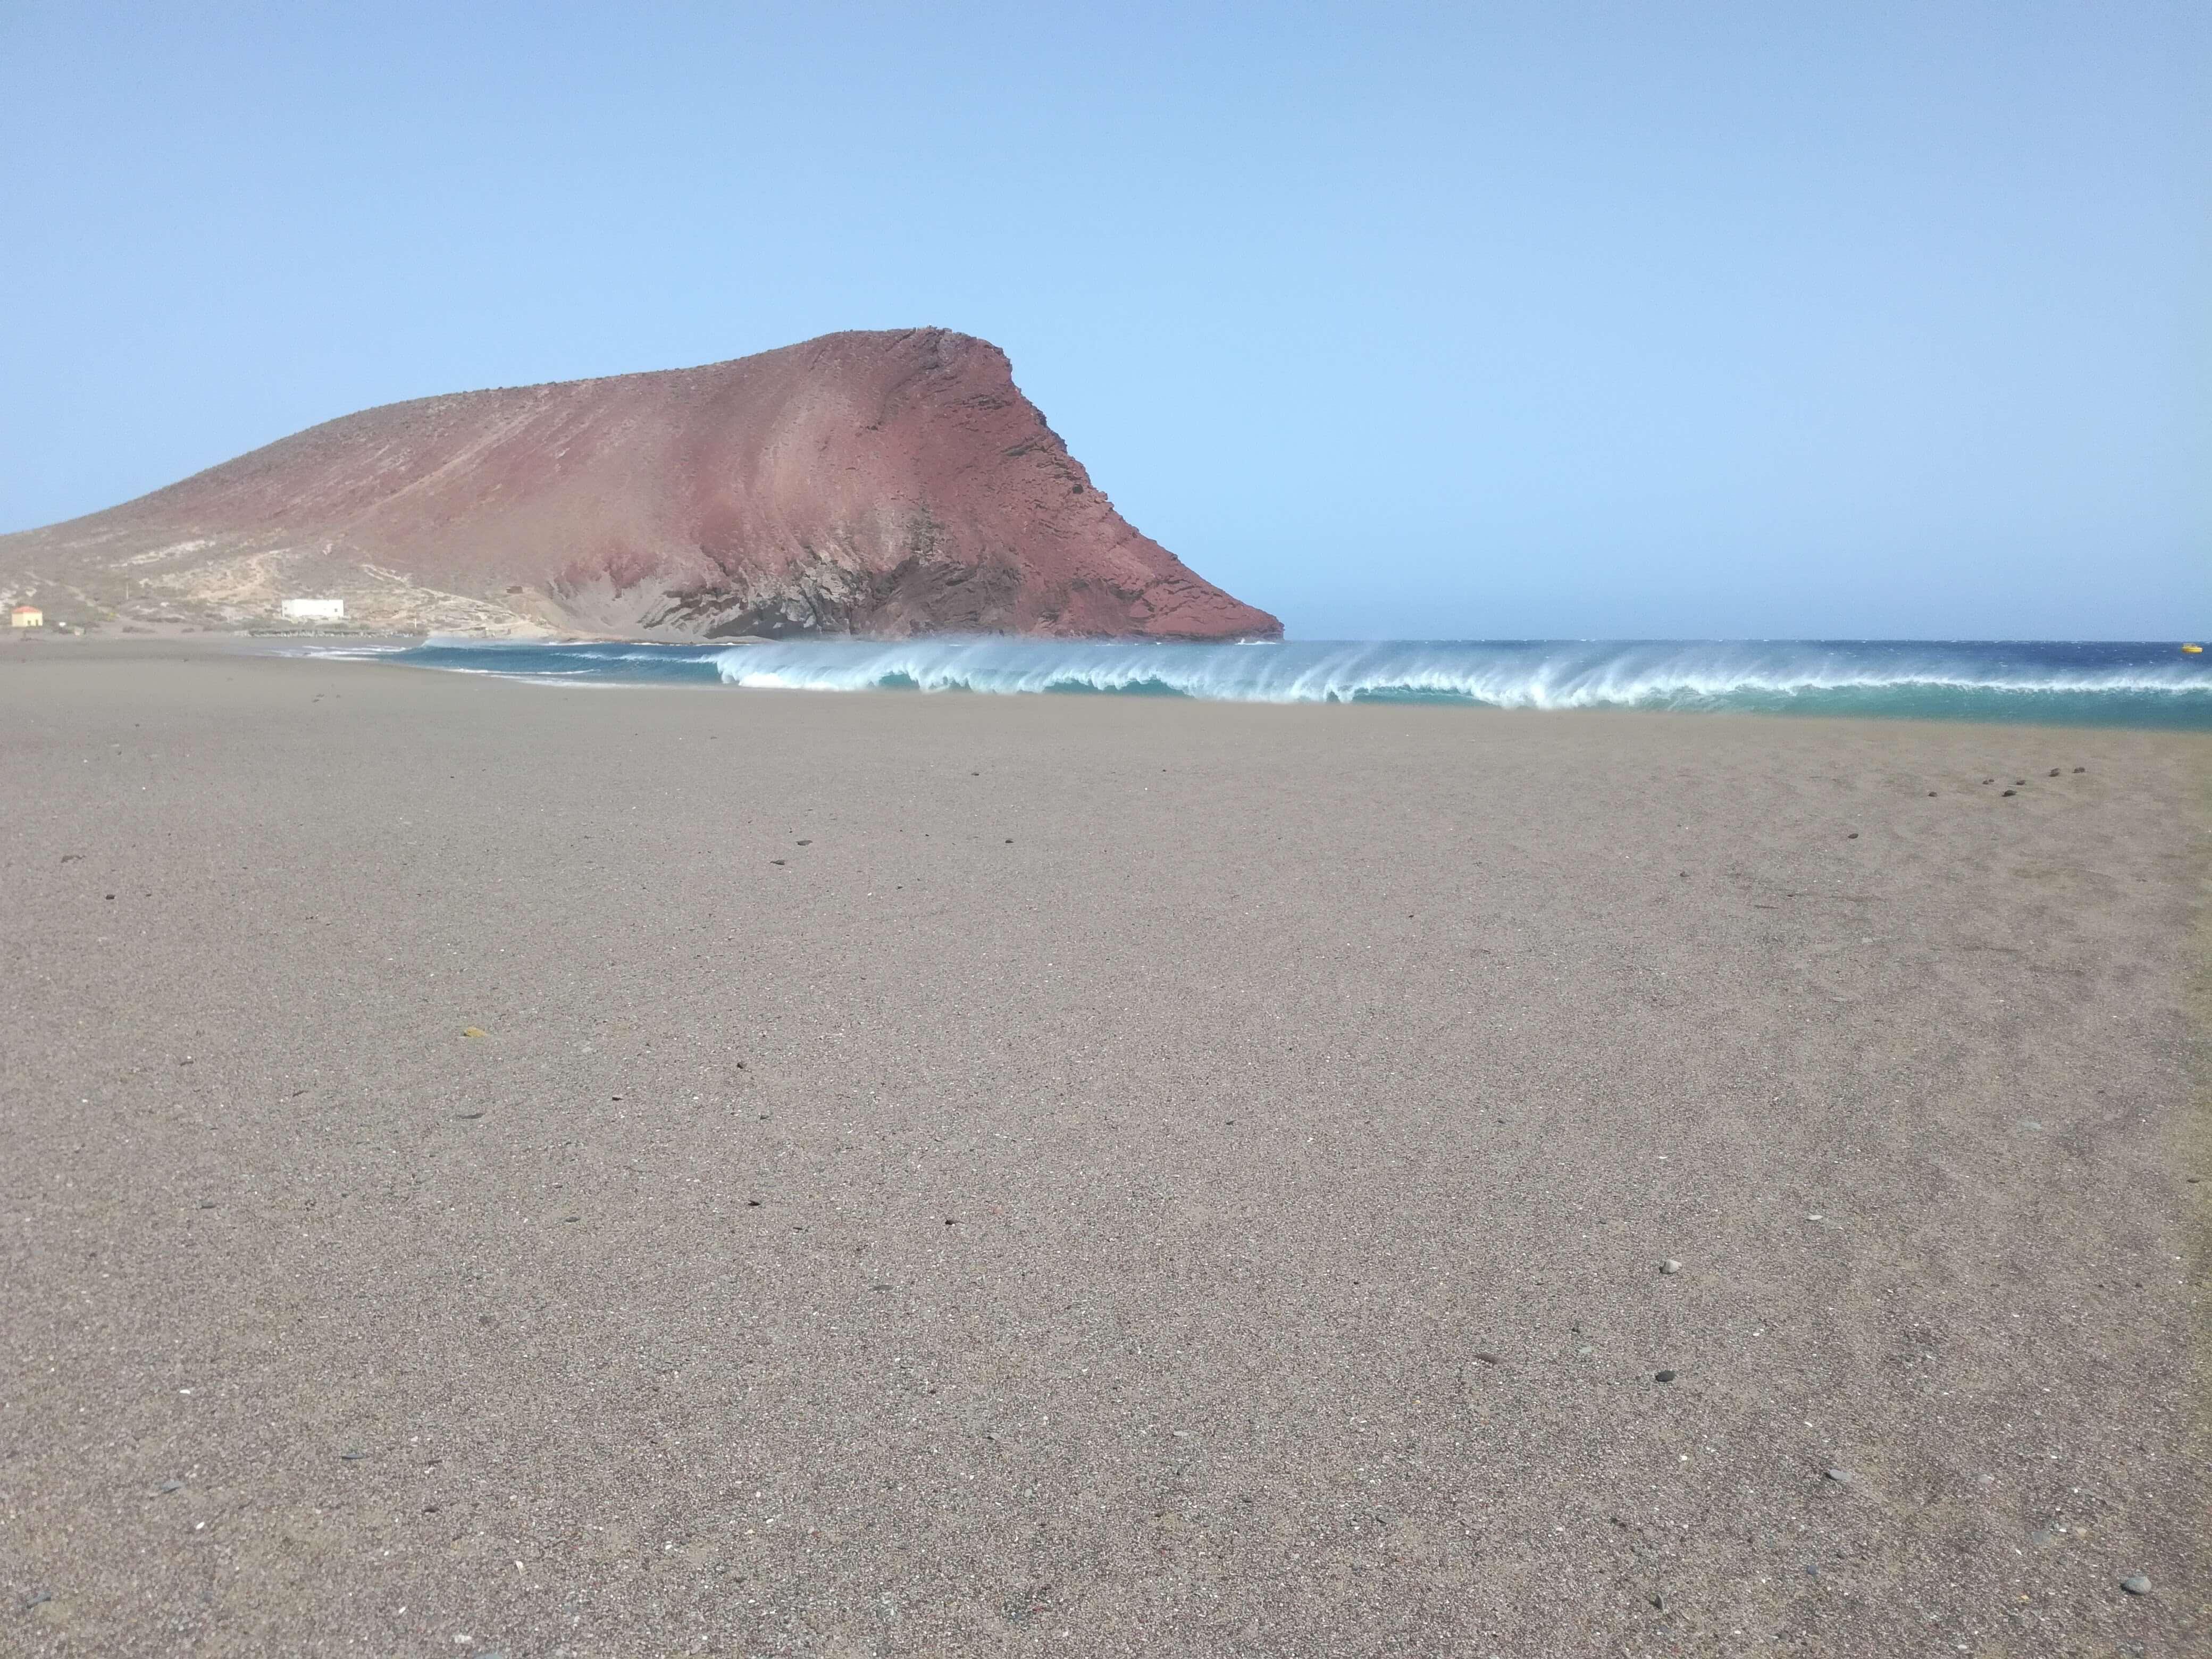 Pobřežní Tenerife. Jih, pláže a oceán